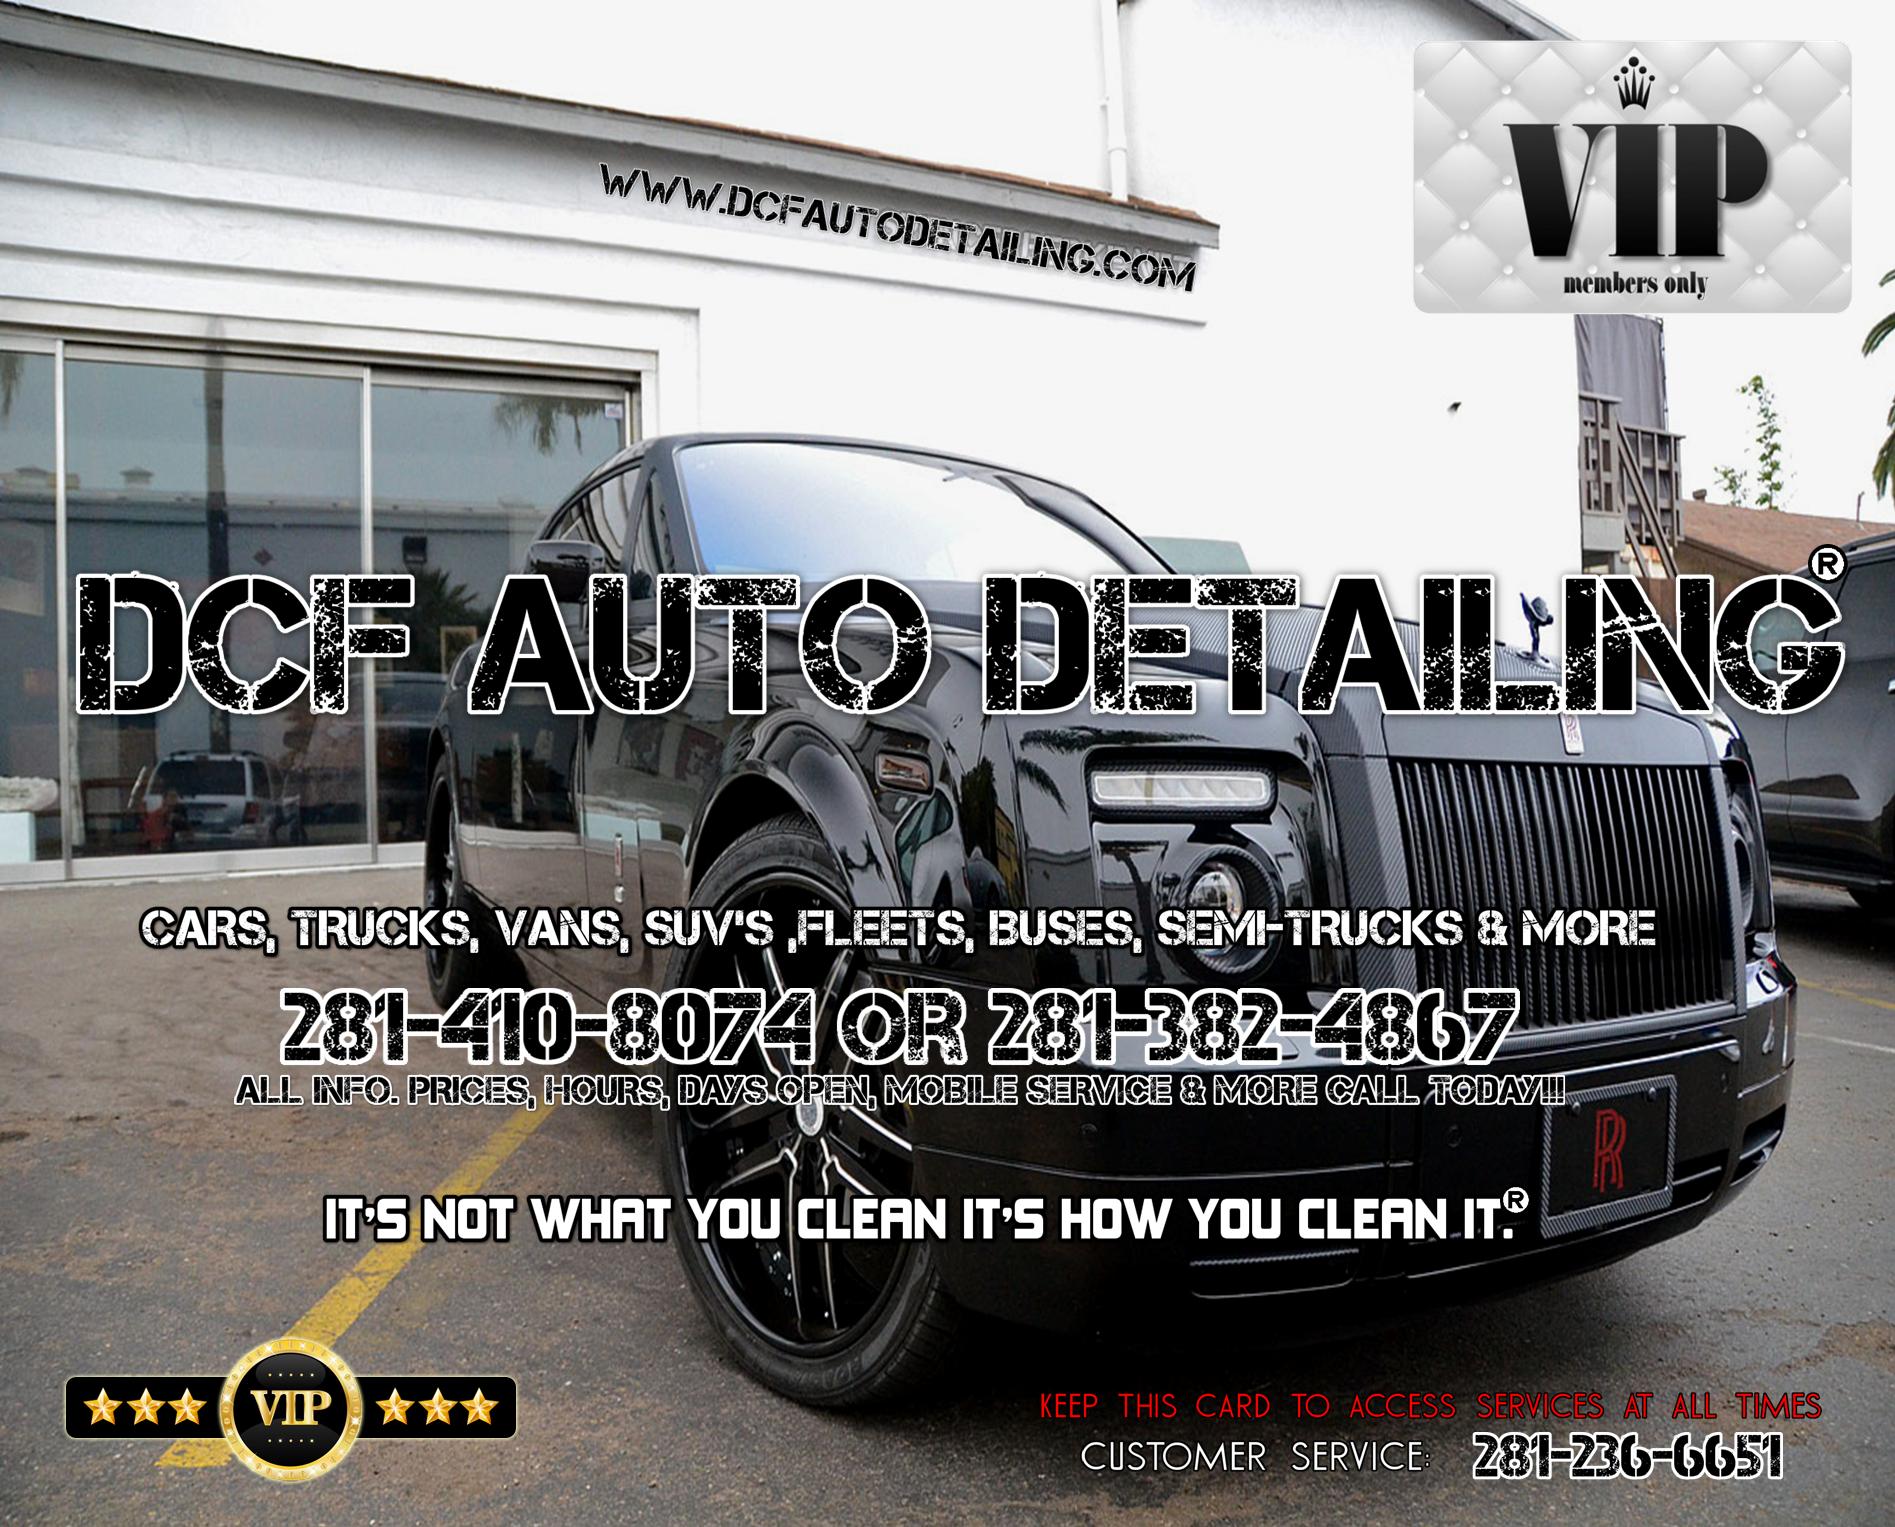 dcf auto detailing